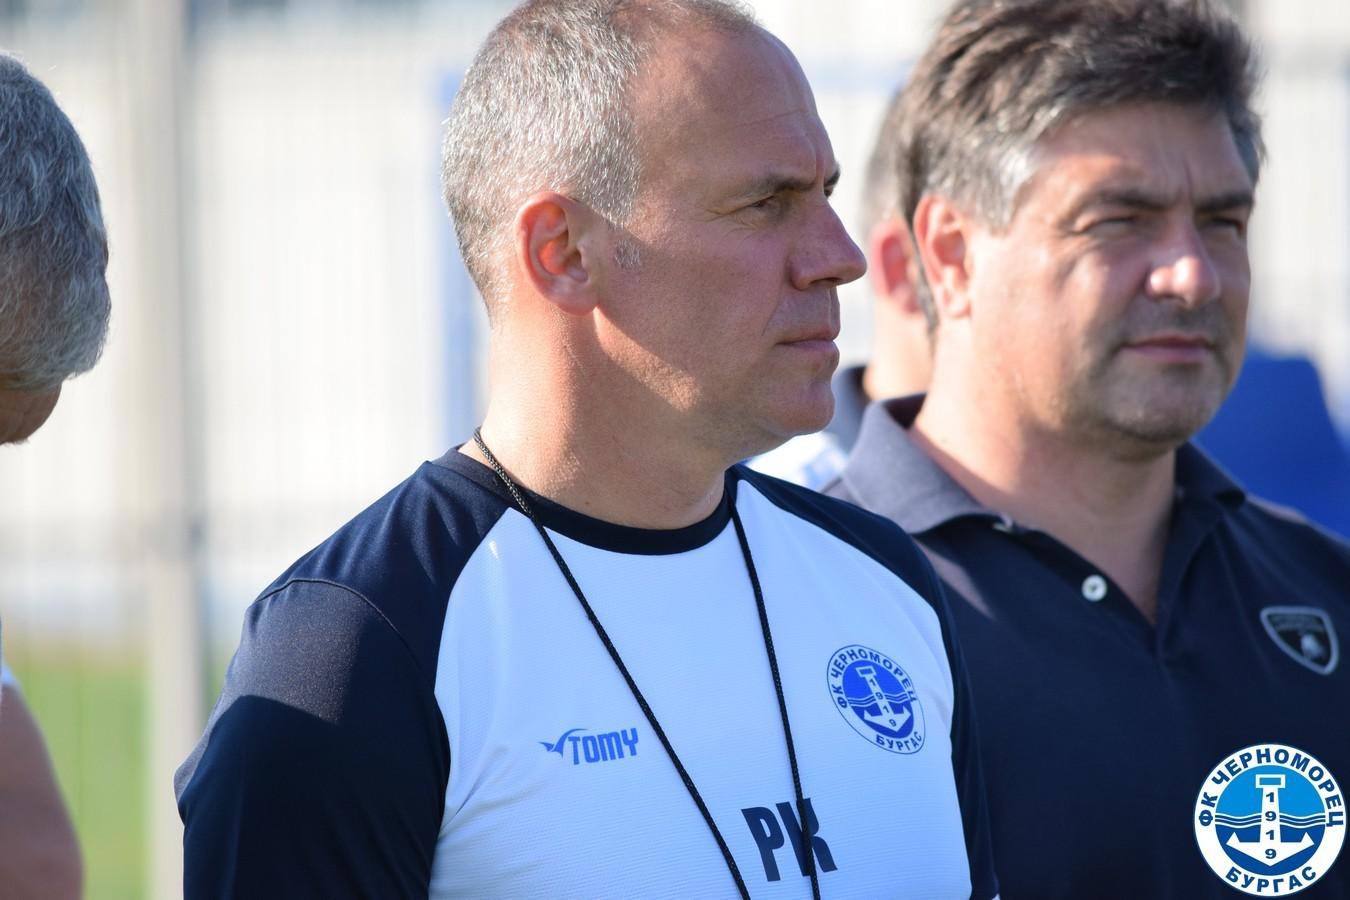 Радостин Кишишев обясни за треньорската смяна! Обяви новия наставник и говори по всички актуални теми около Черноморец